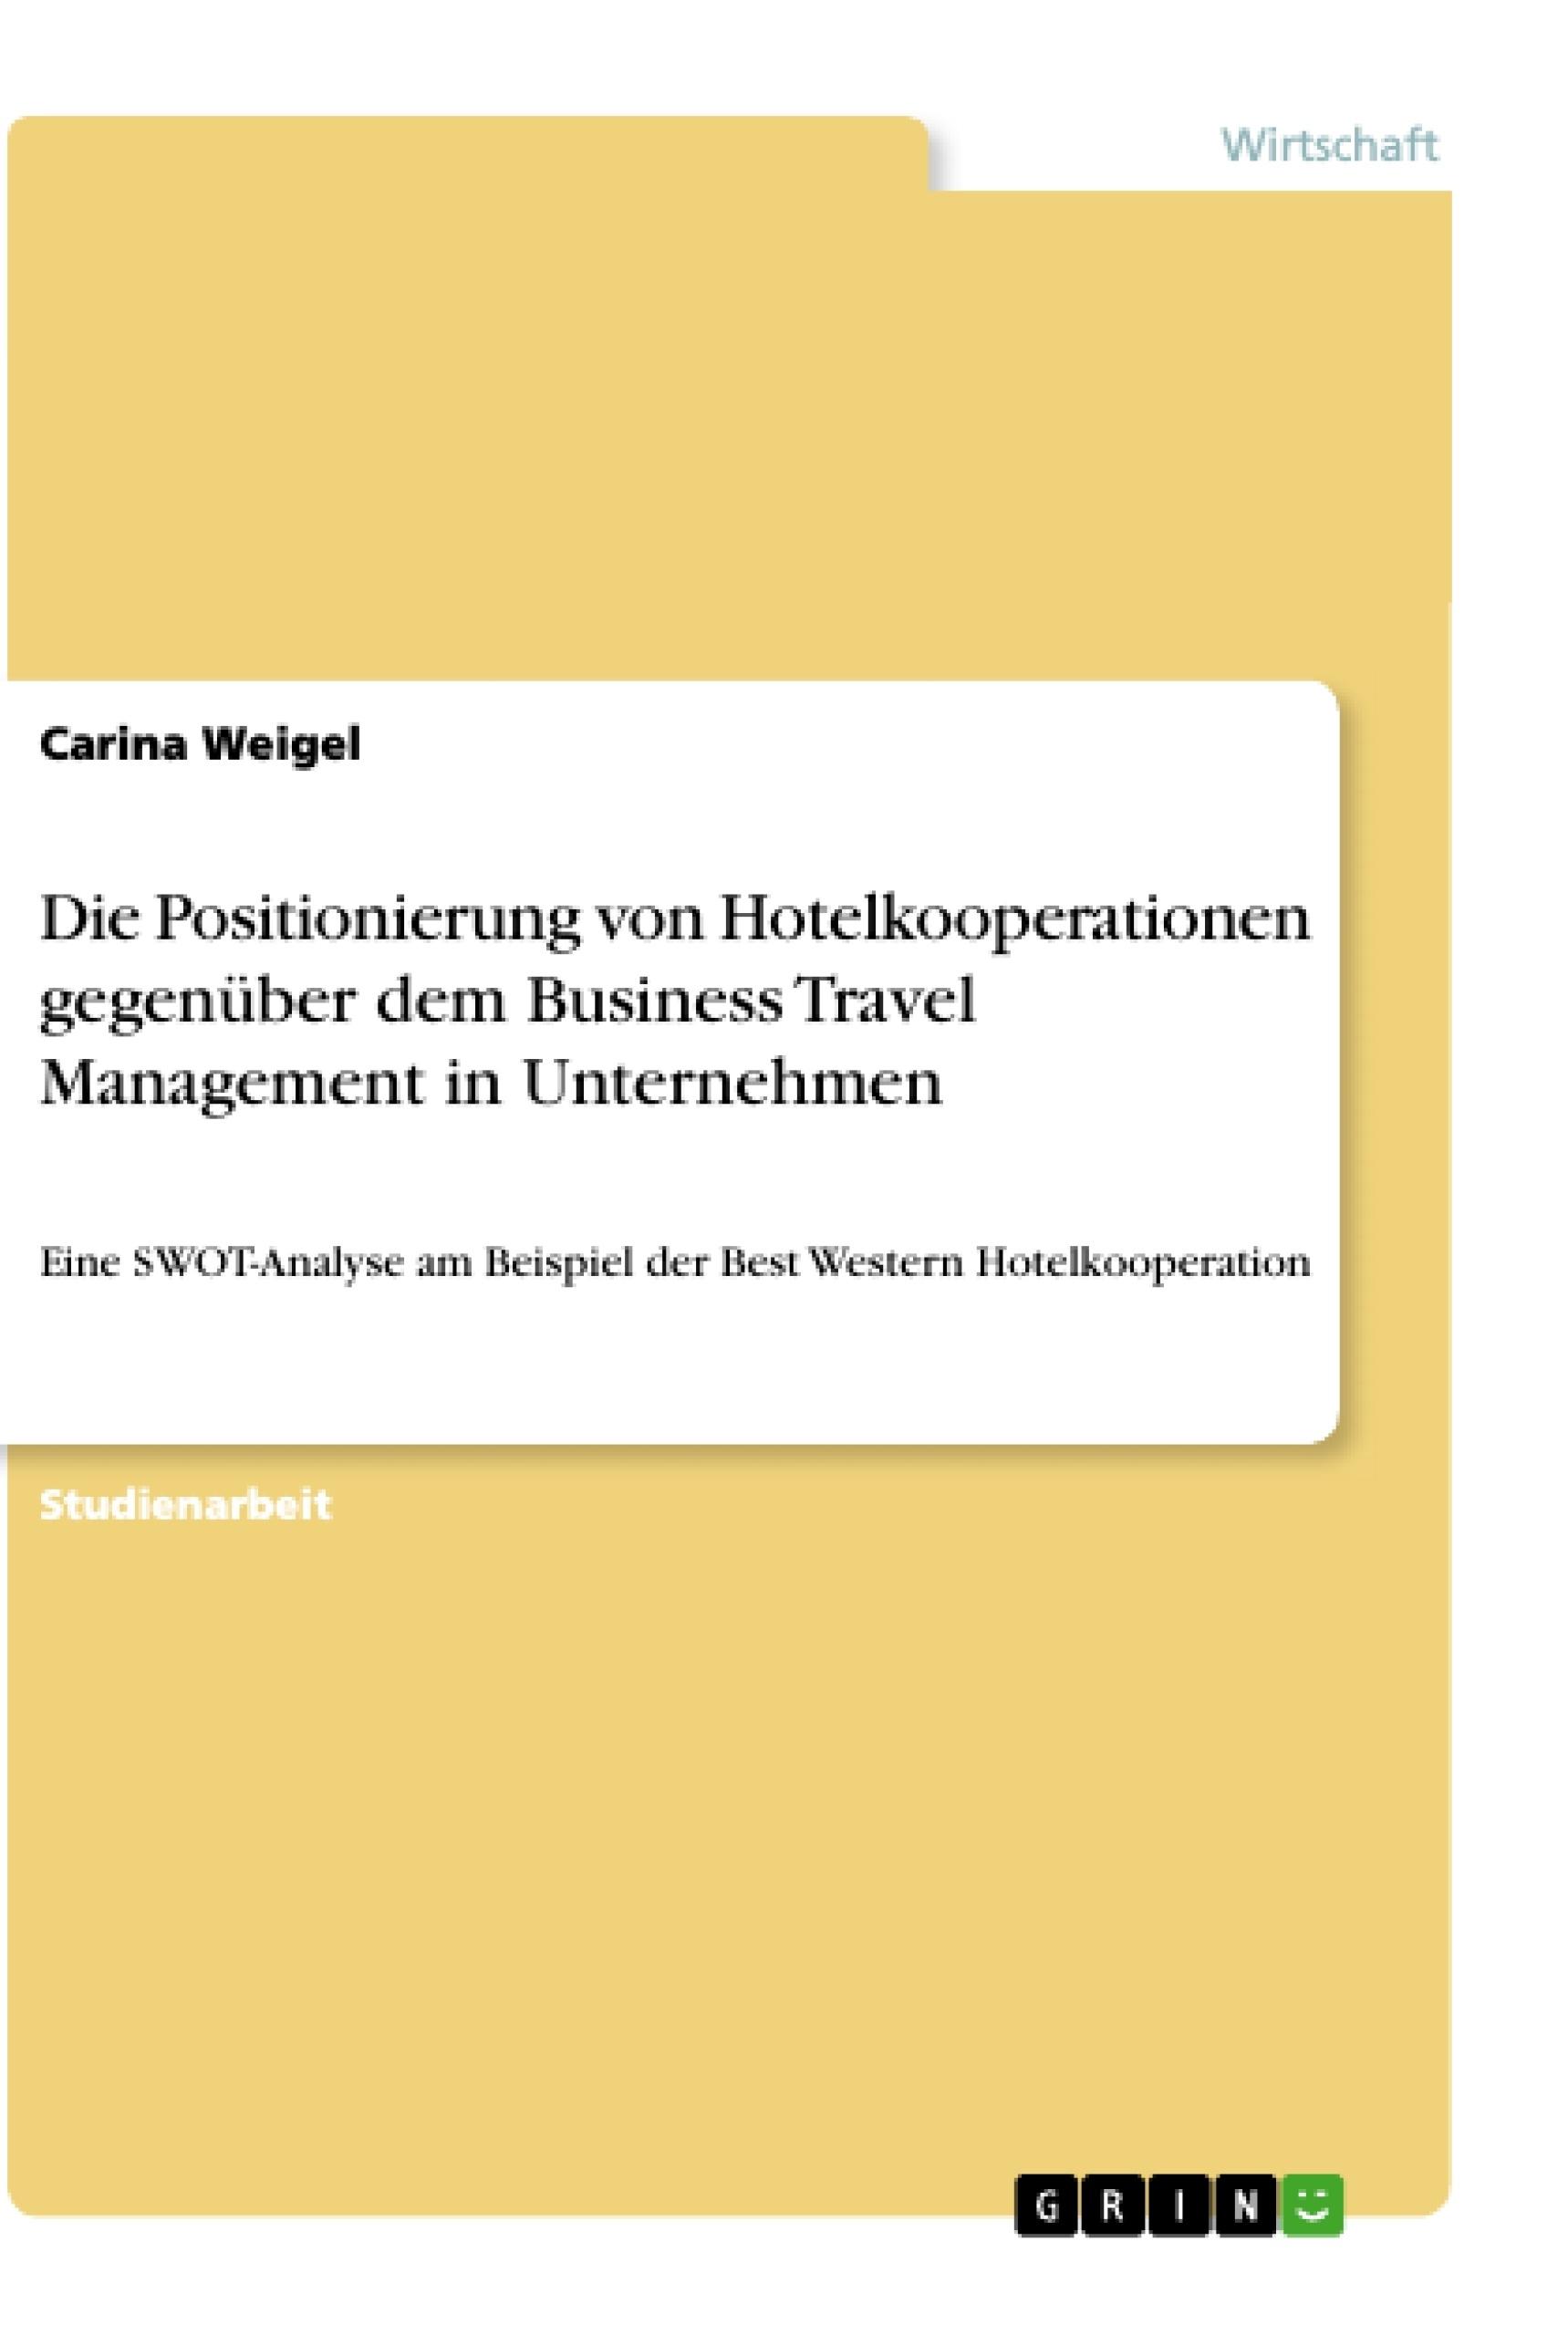 Titel: Die Positionierung von Hotelkooperationen gegenüber dem Business Travel Management in Unternehmen